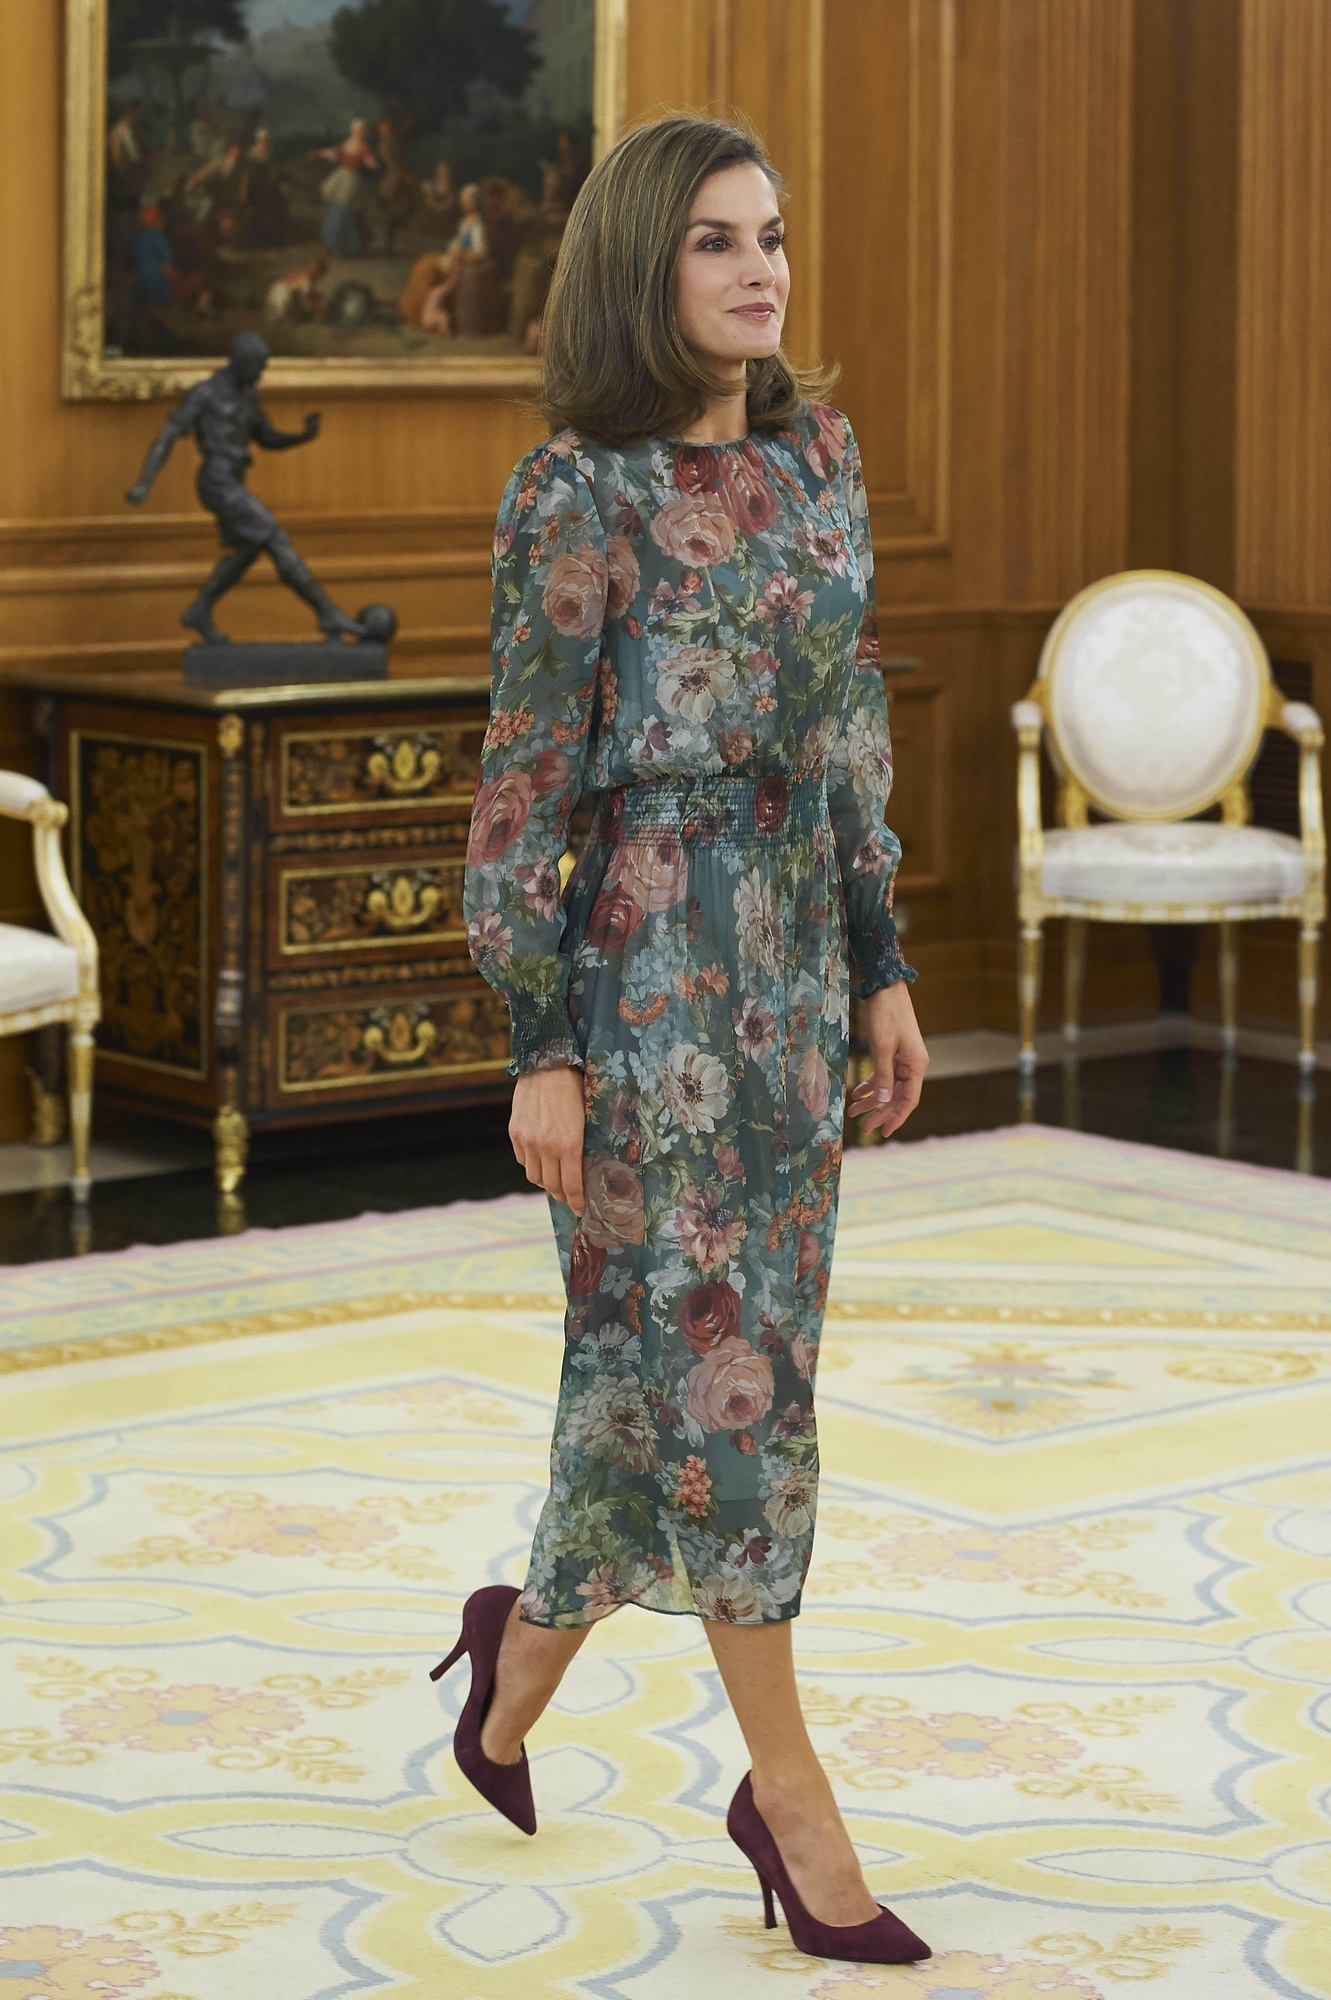 Królowa Letizia na spotkaniu w sukience Zary. Styl Królowej